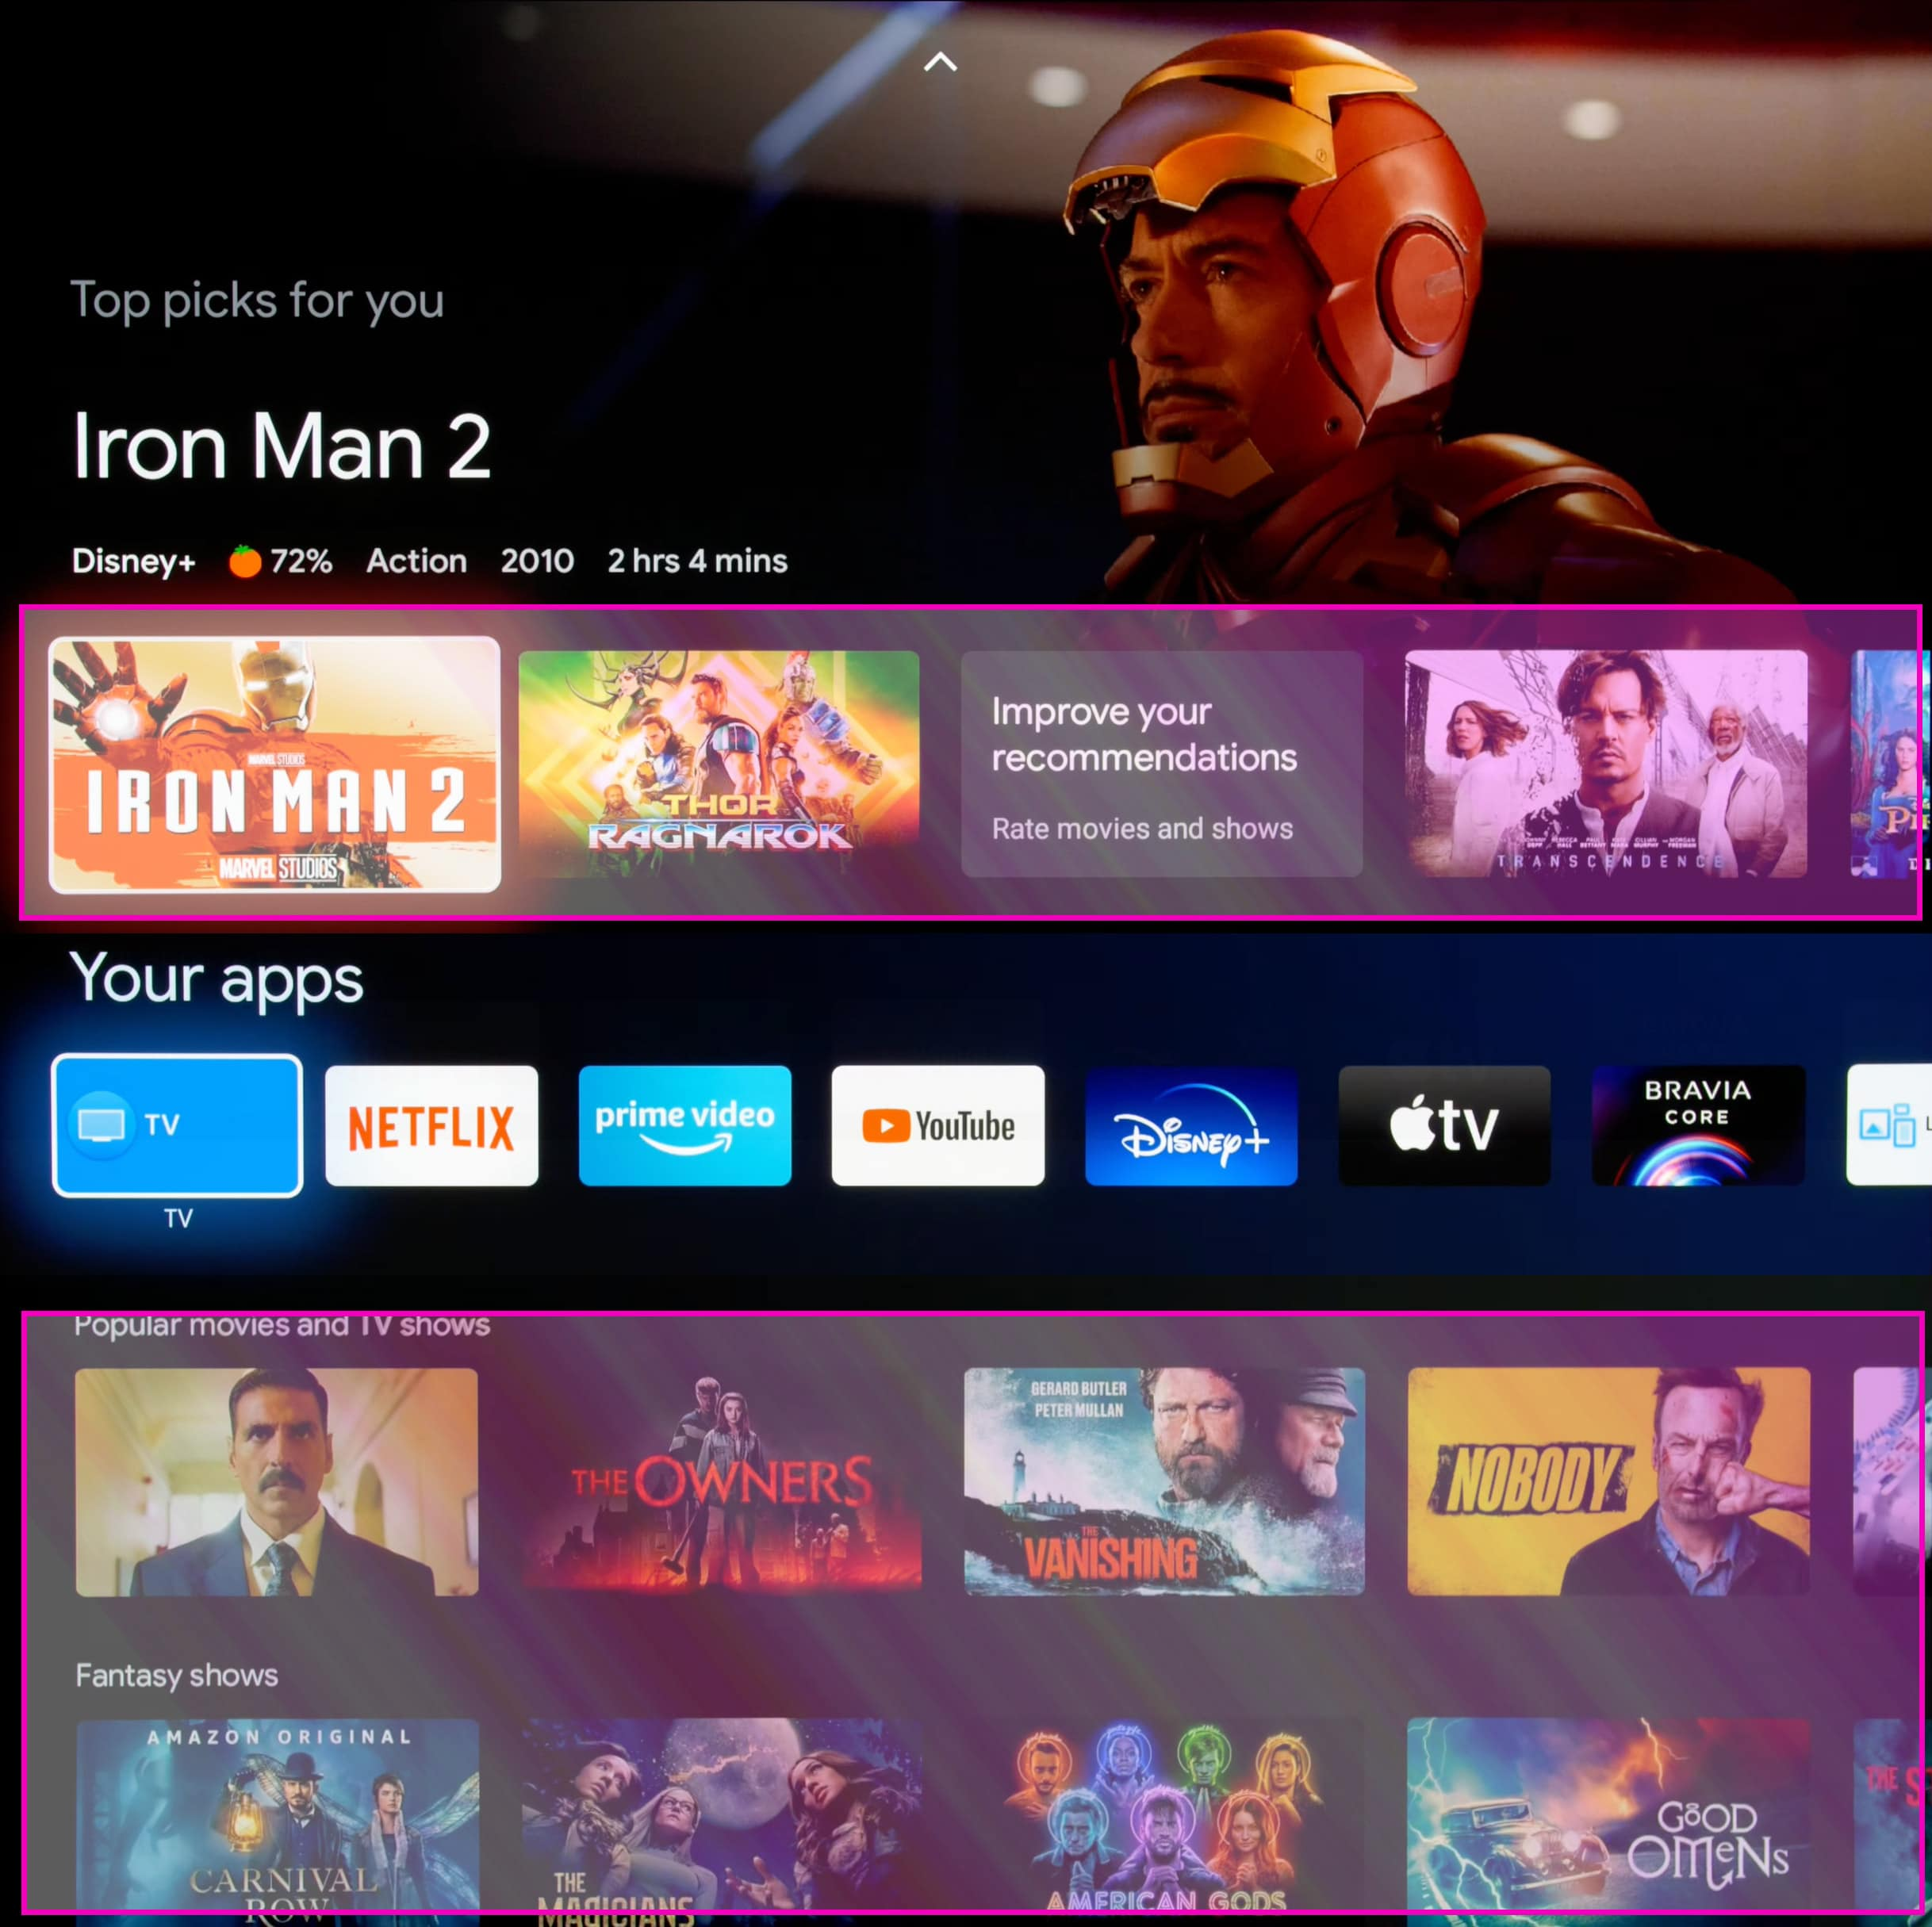 Die personalisierten Empfehlungen und Sponsored Inhalte (pinke Markierung) lassen sich mit diesen Google TV Einstellungen entfernen.